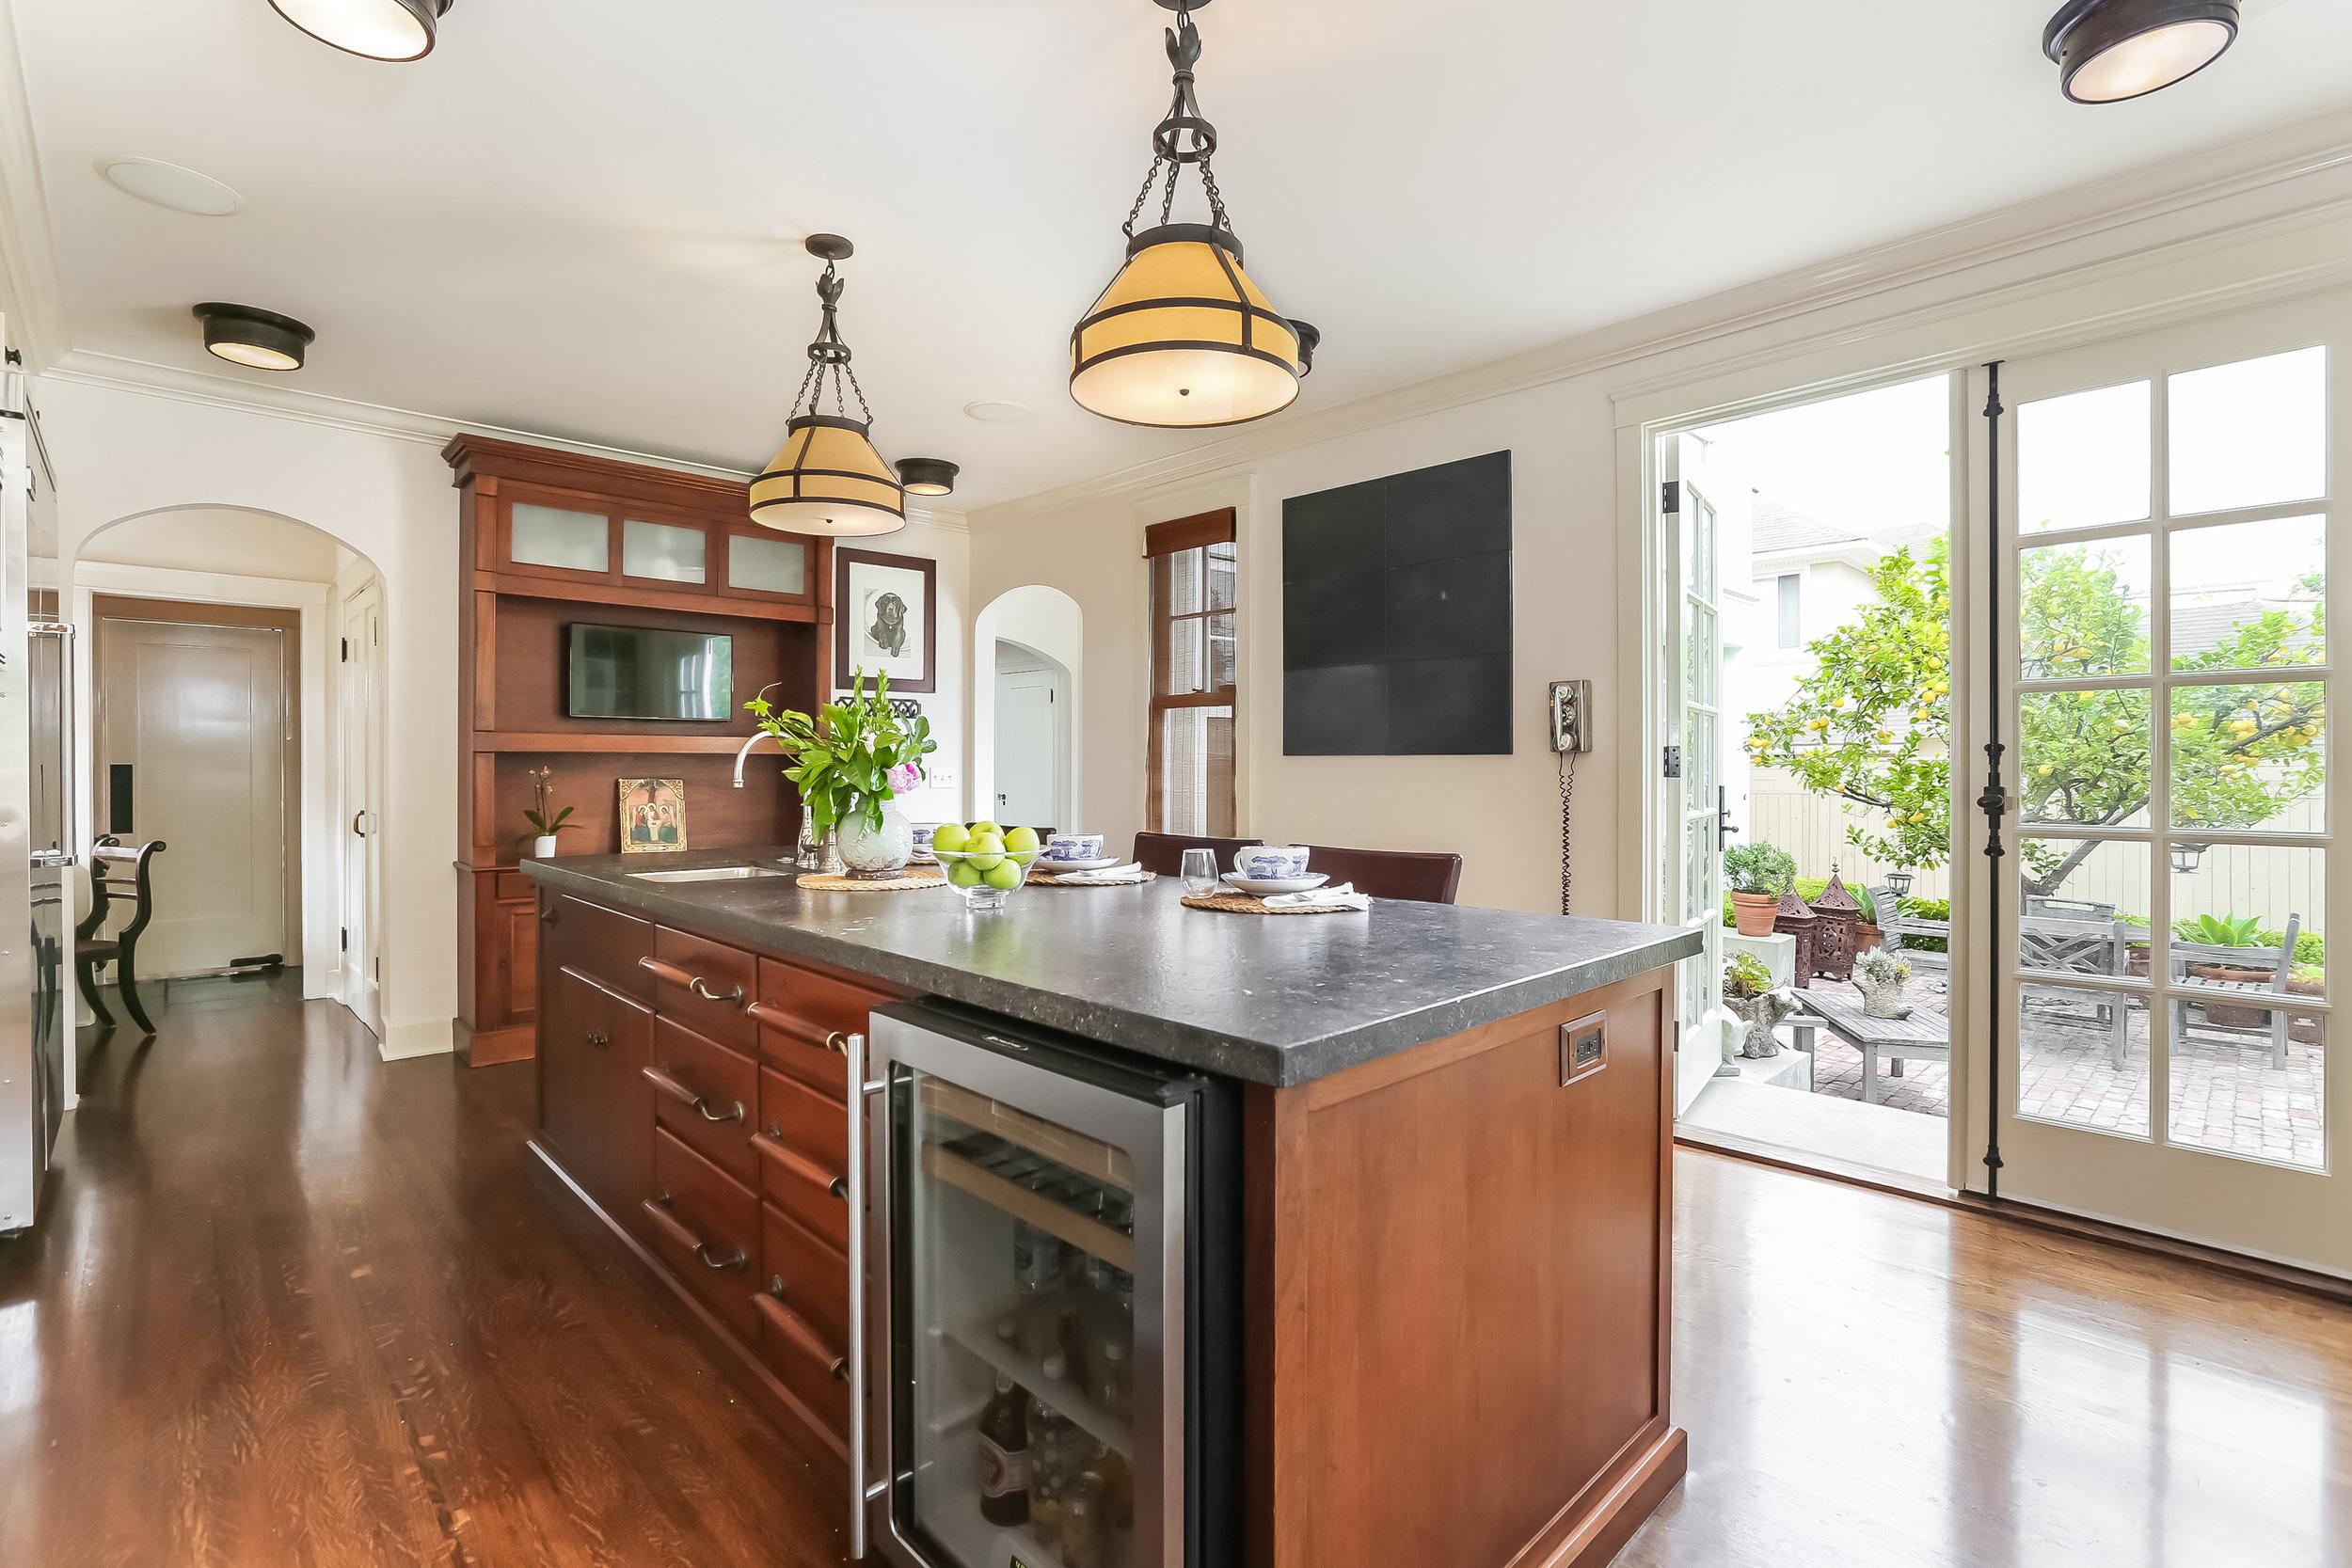 Kitchen-5846798.jpg